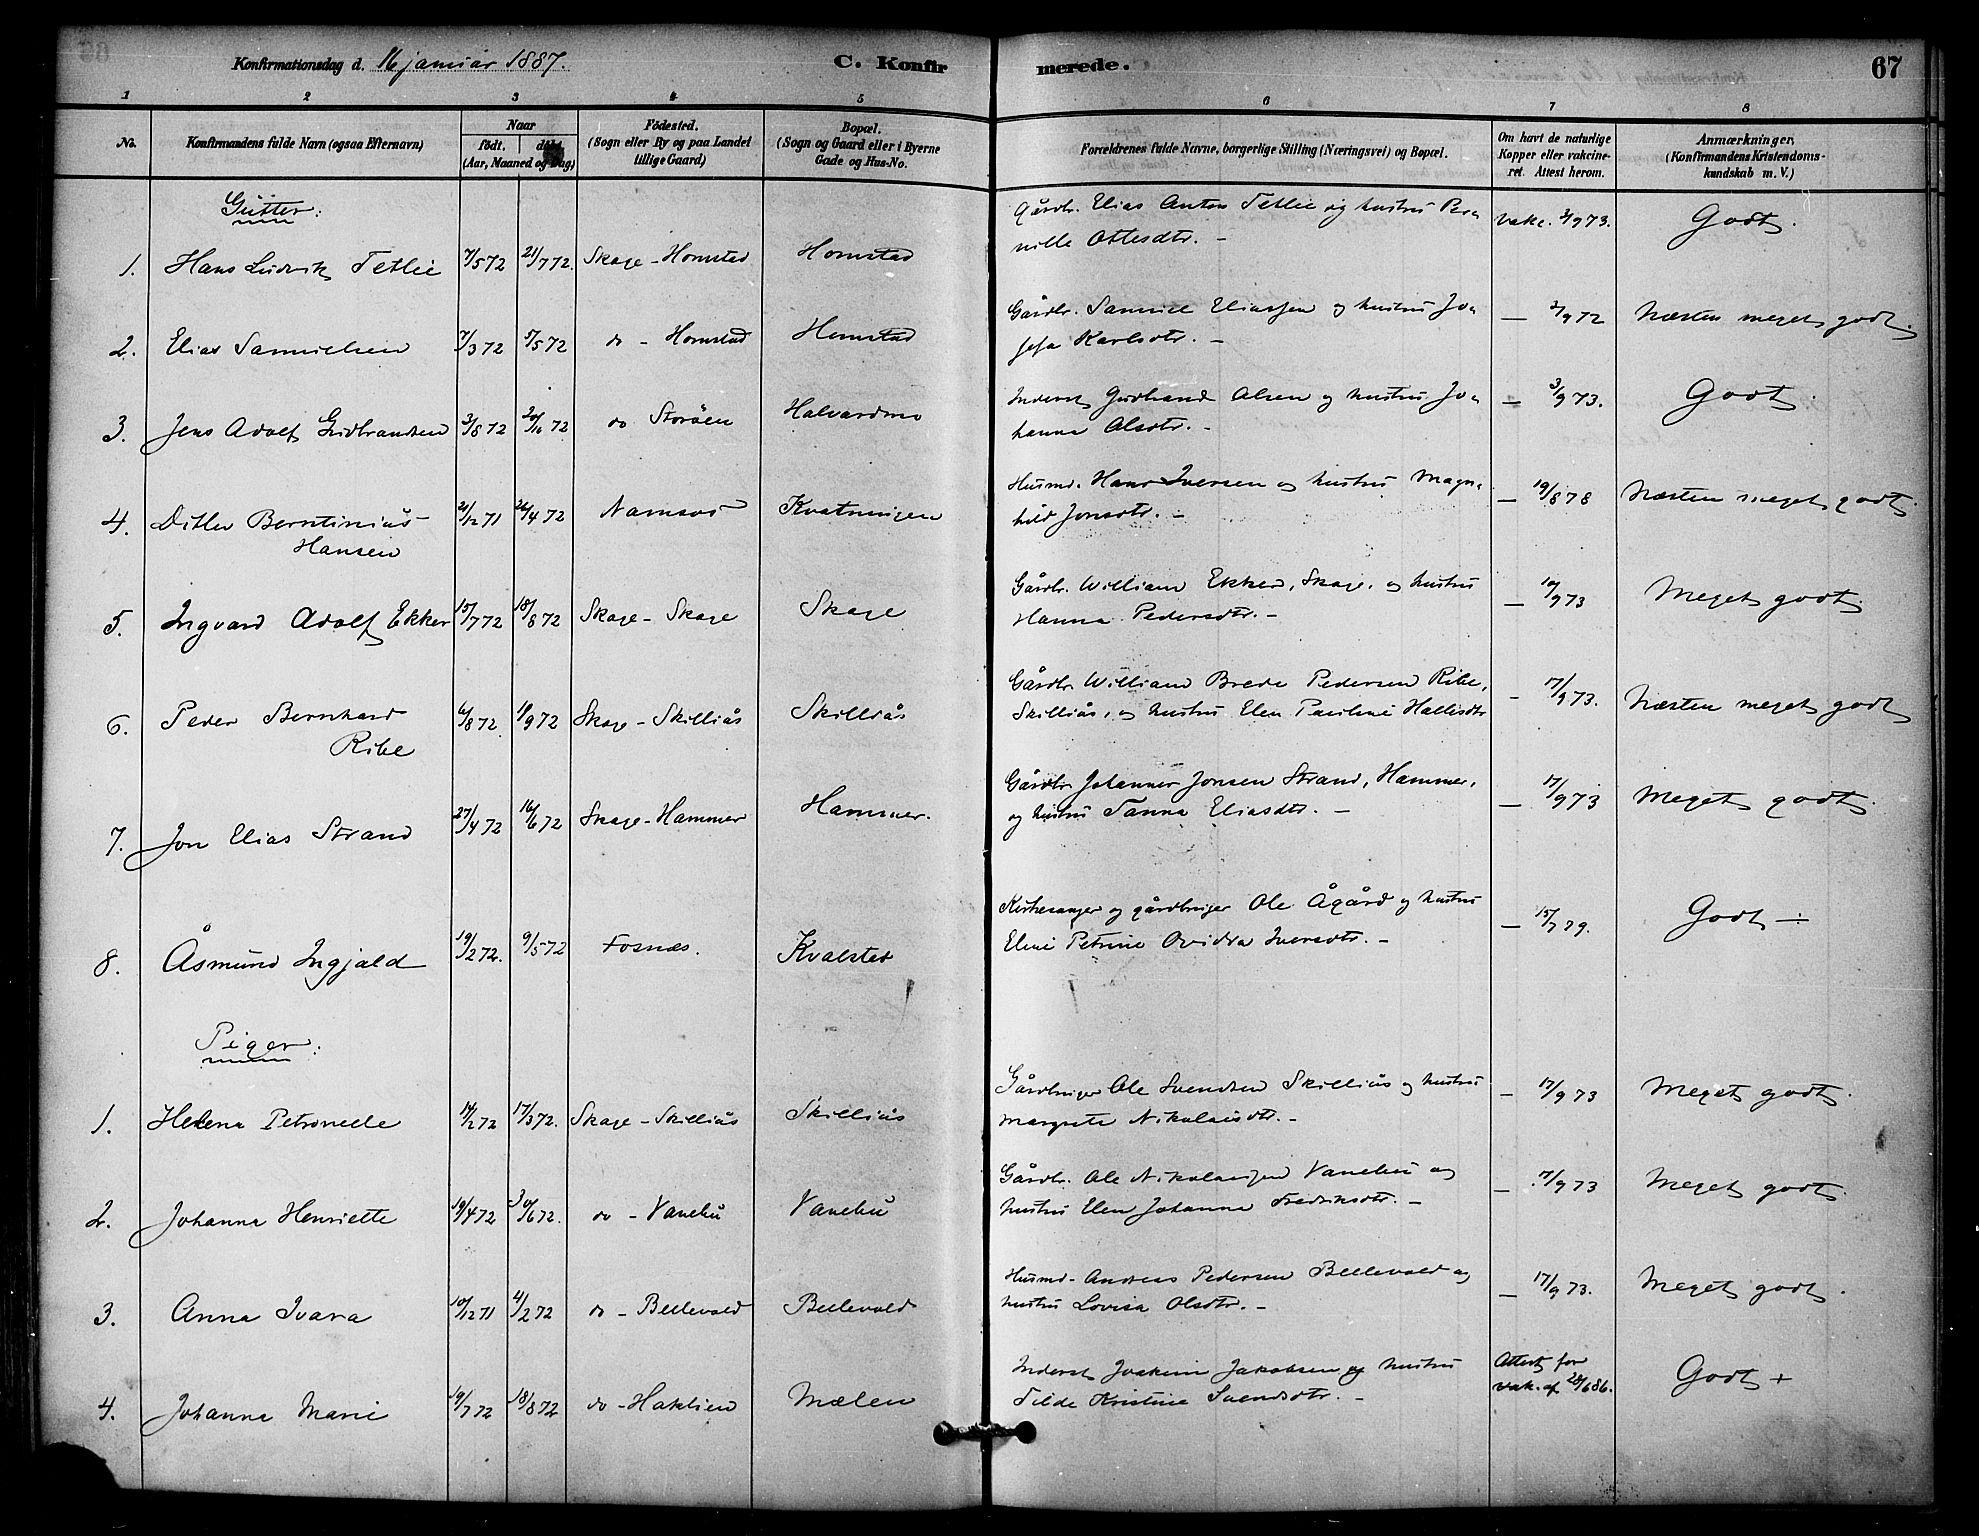 SAT, Ministerialprotokoller, klokkerbøker og fødselsregistre - Nord-Trøndelag, 766/L0563: Ministerialbok nr. 767A01, 1881-1899, s. 67